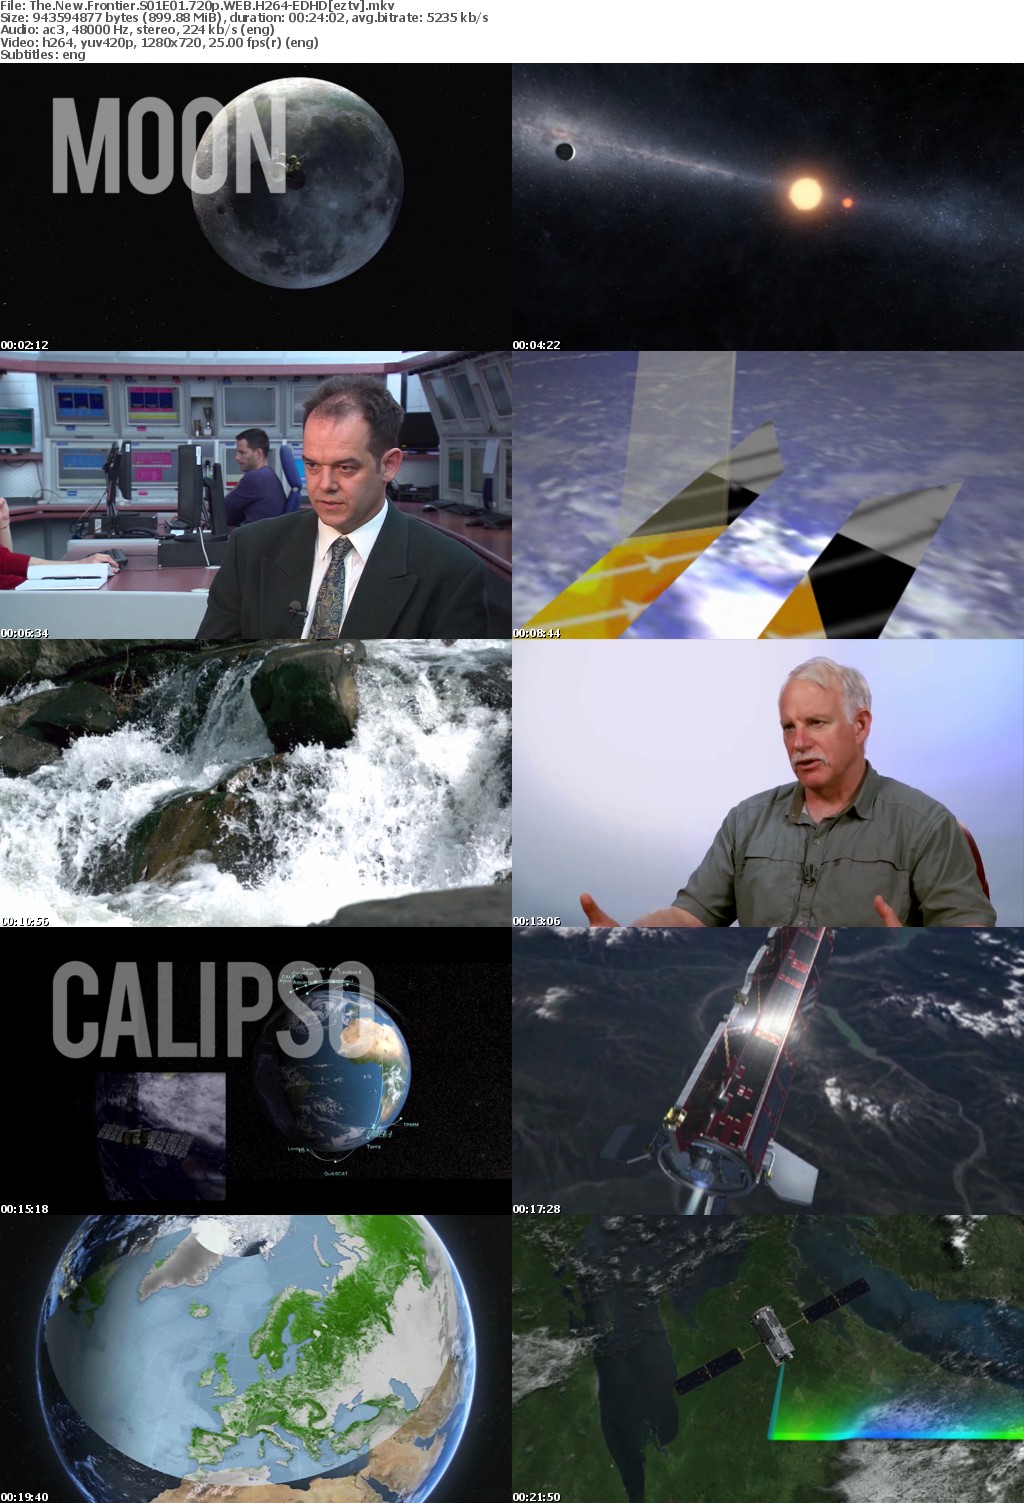 The New Frontier S01E01 720p WEB H264-EDHD